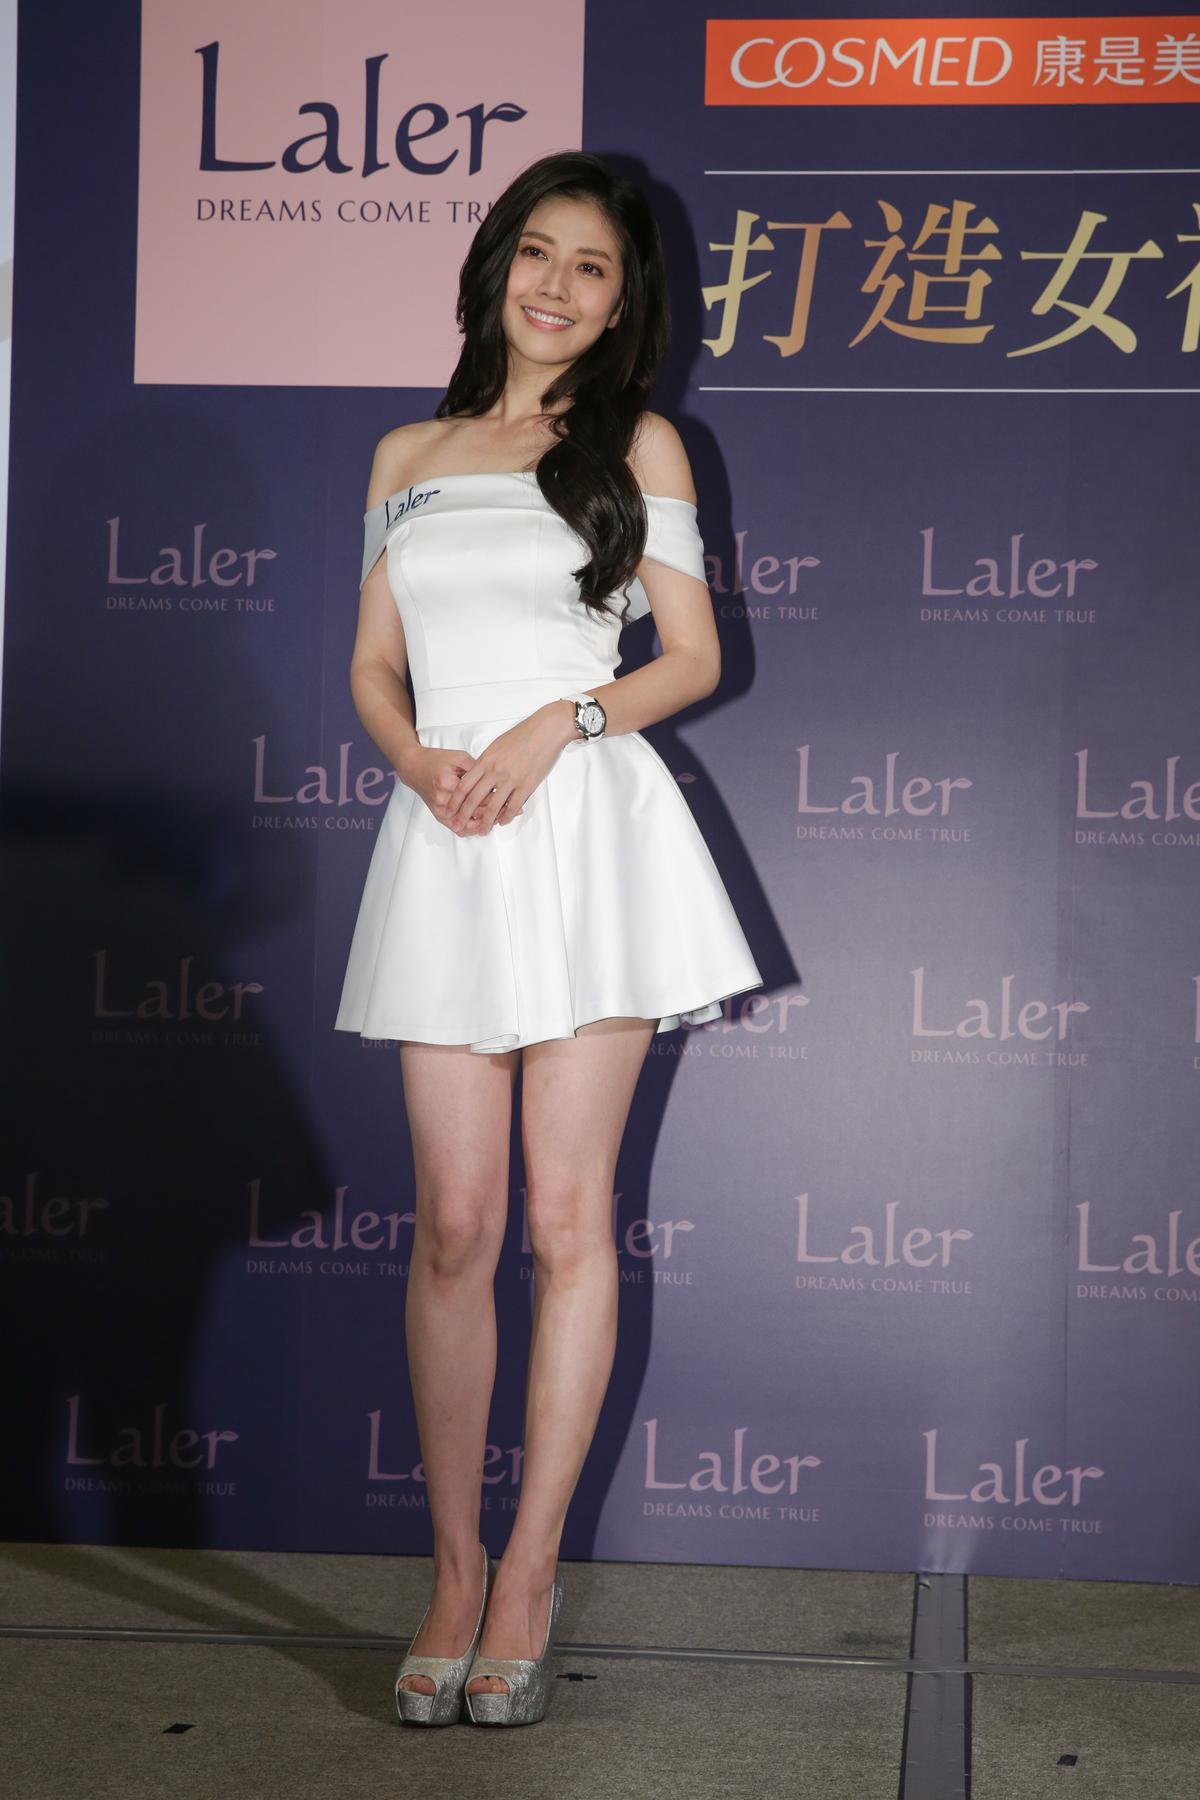 韓瑜表示再也不想交往圈內人,希望男友是圈外熟男。